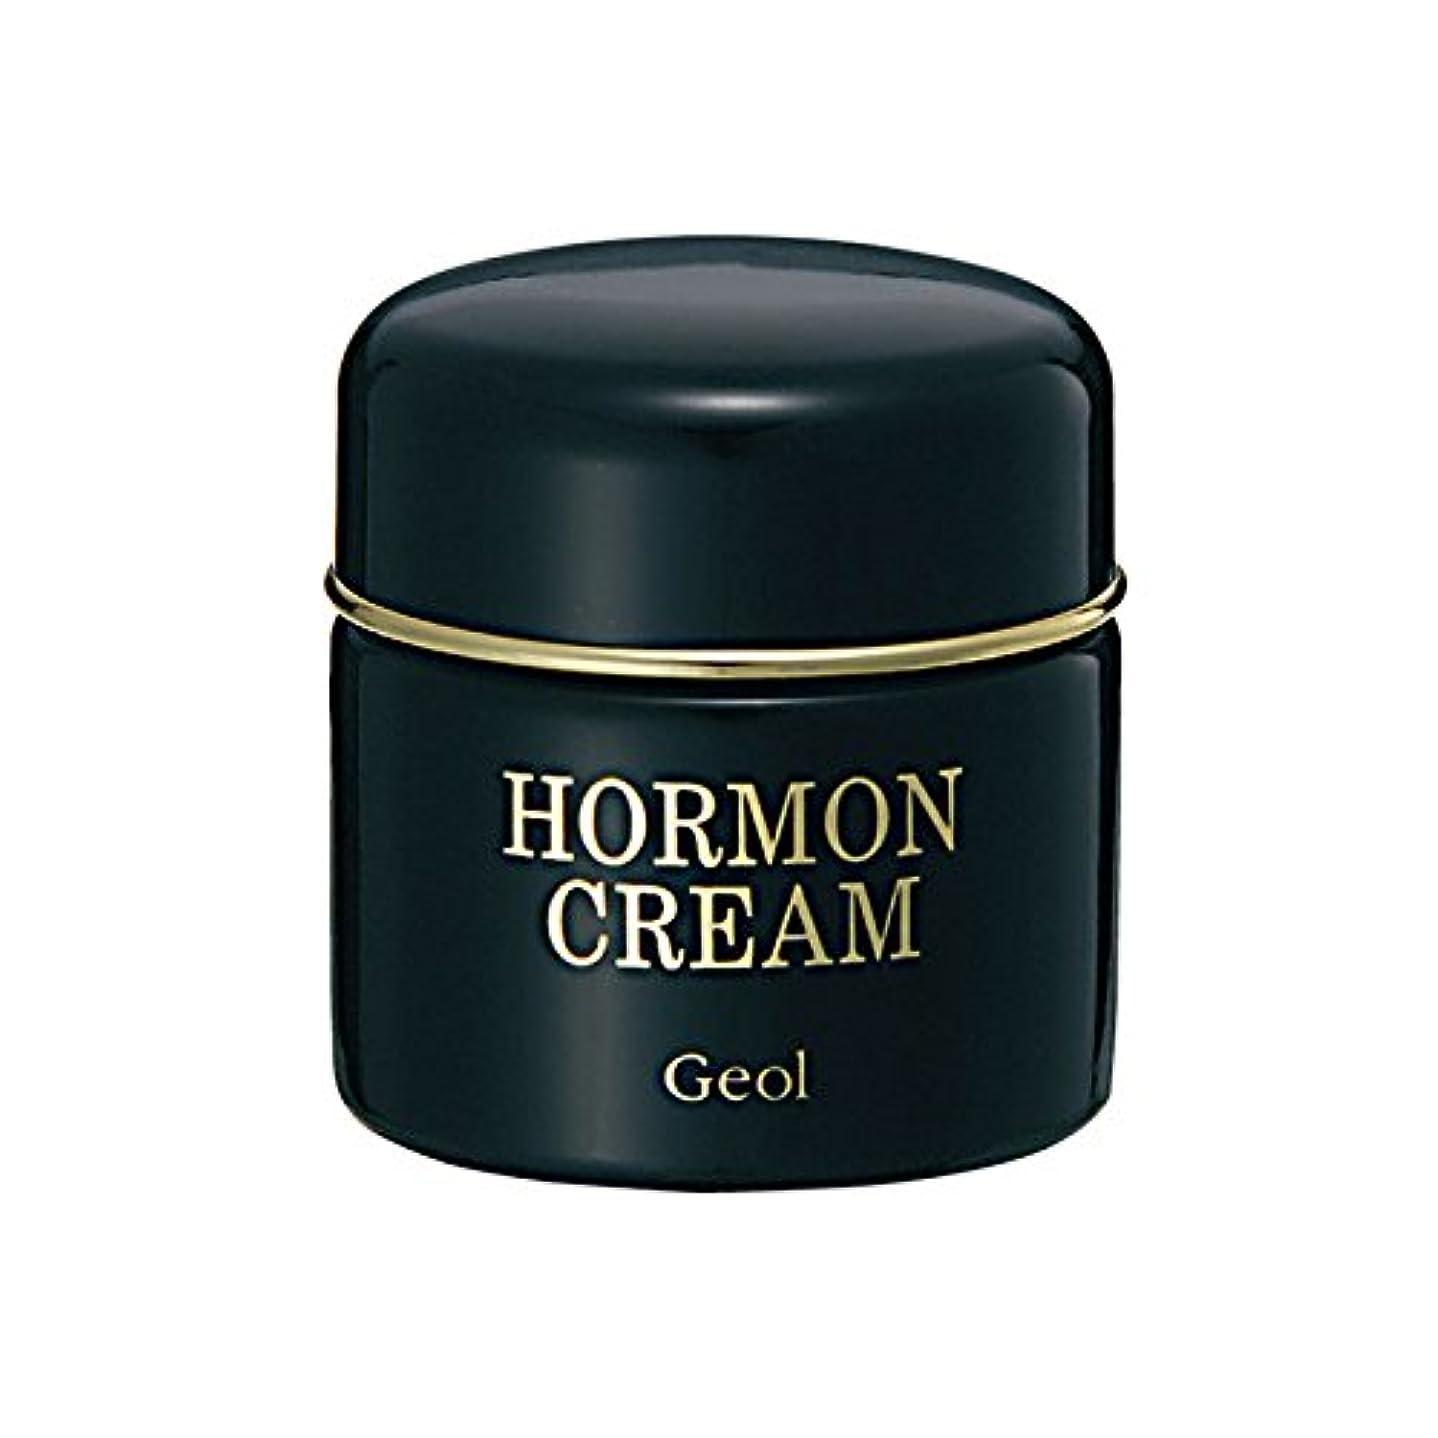 明るい腰本ホルモンクリーム(中油性ホルモンクリーム)